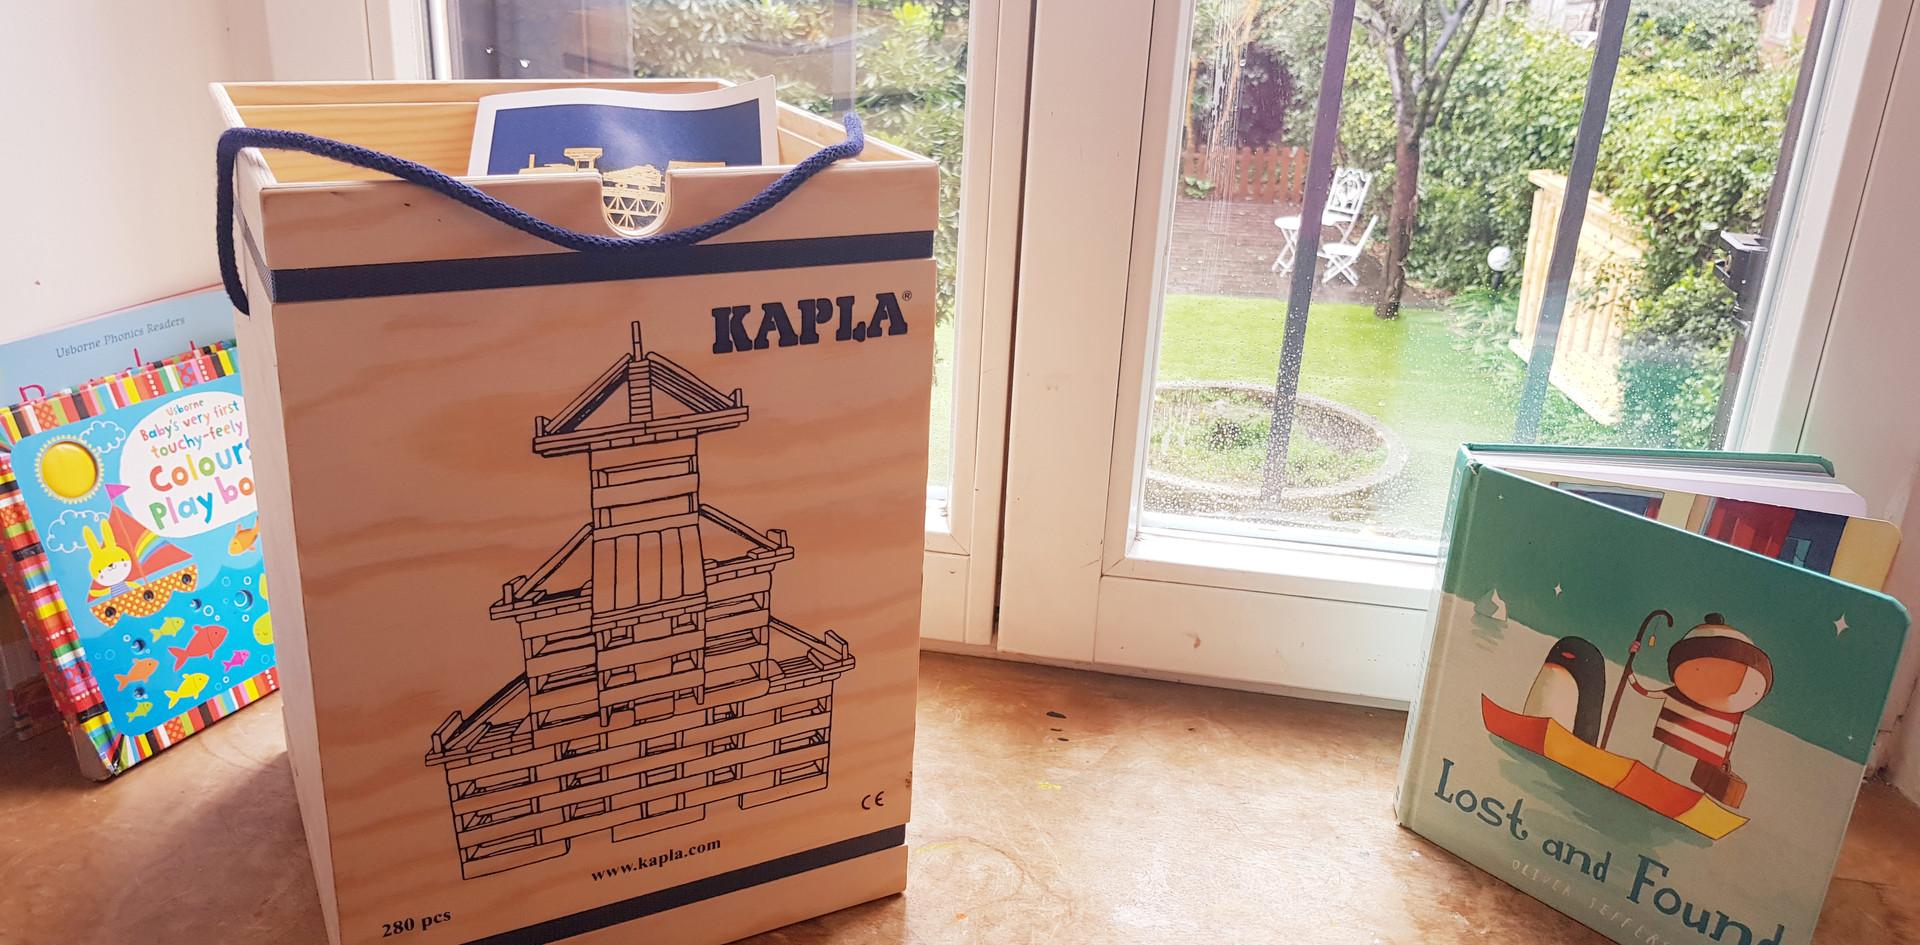 Evento Kapla